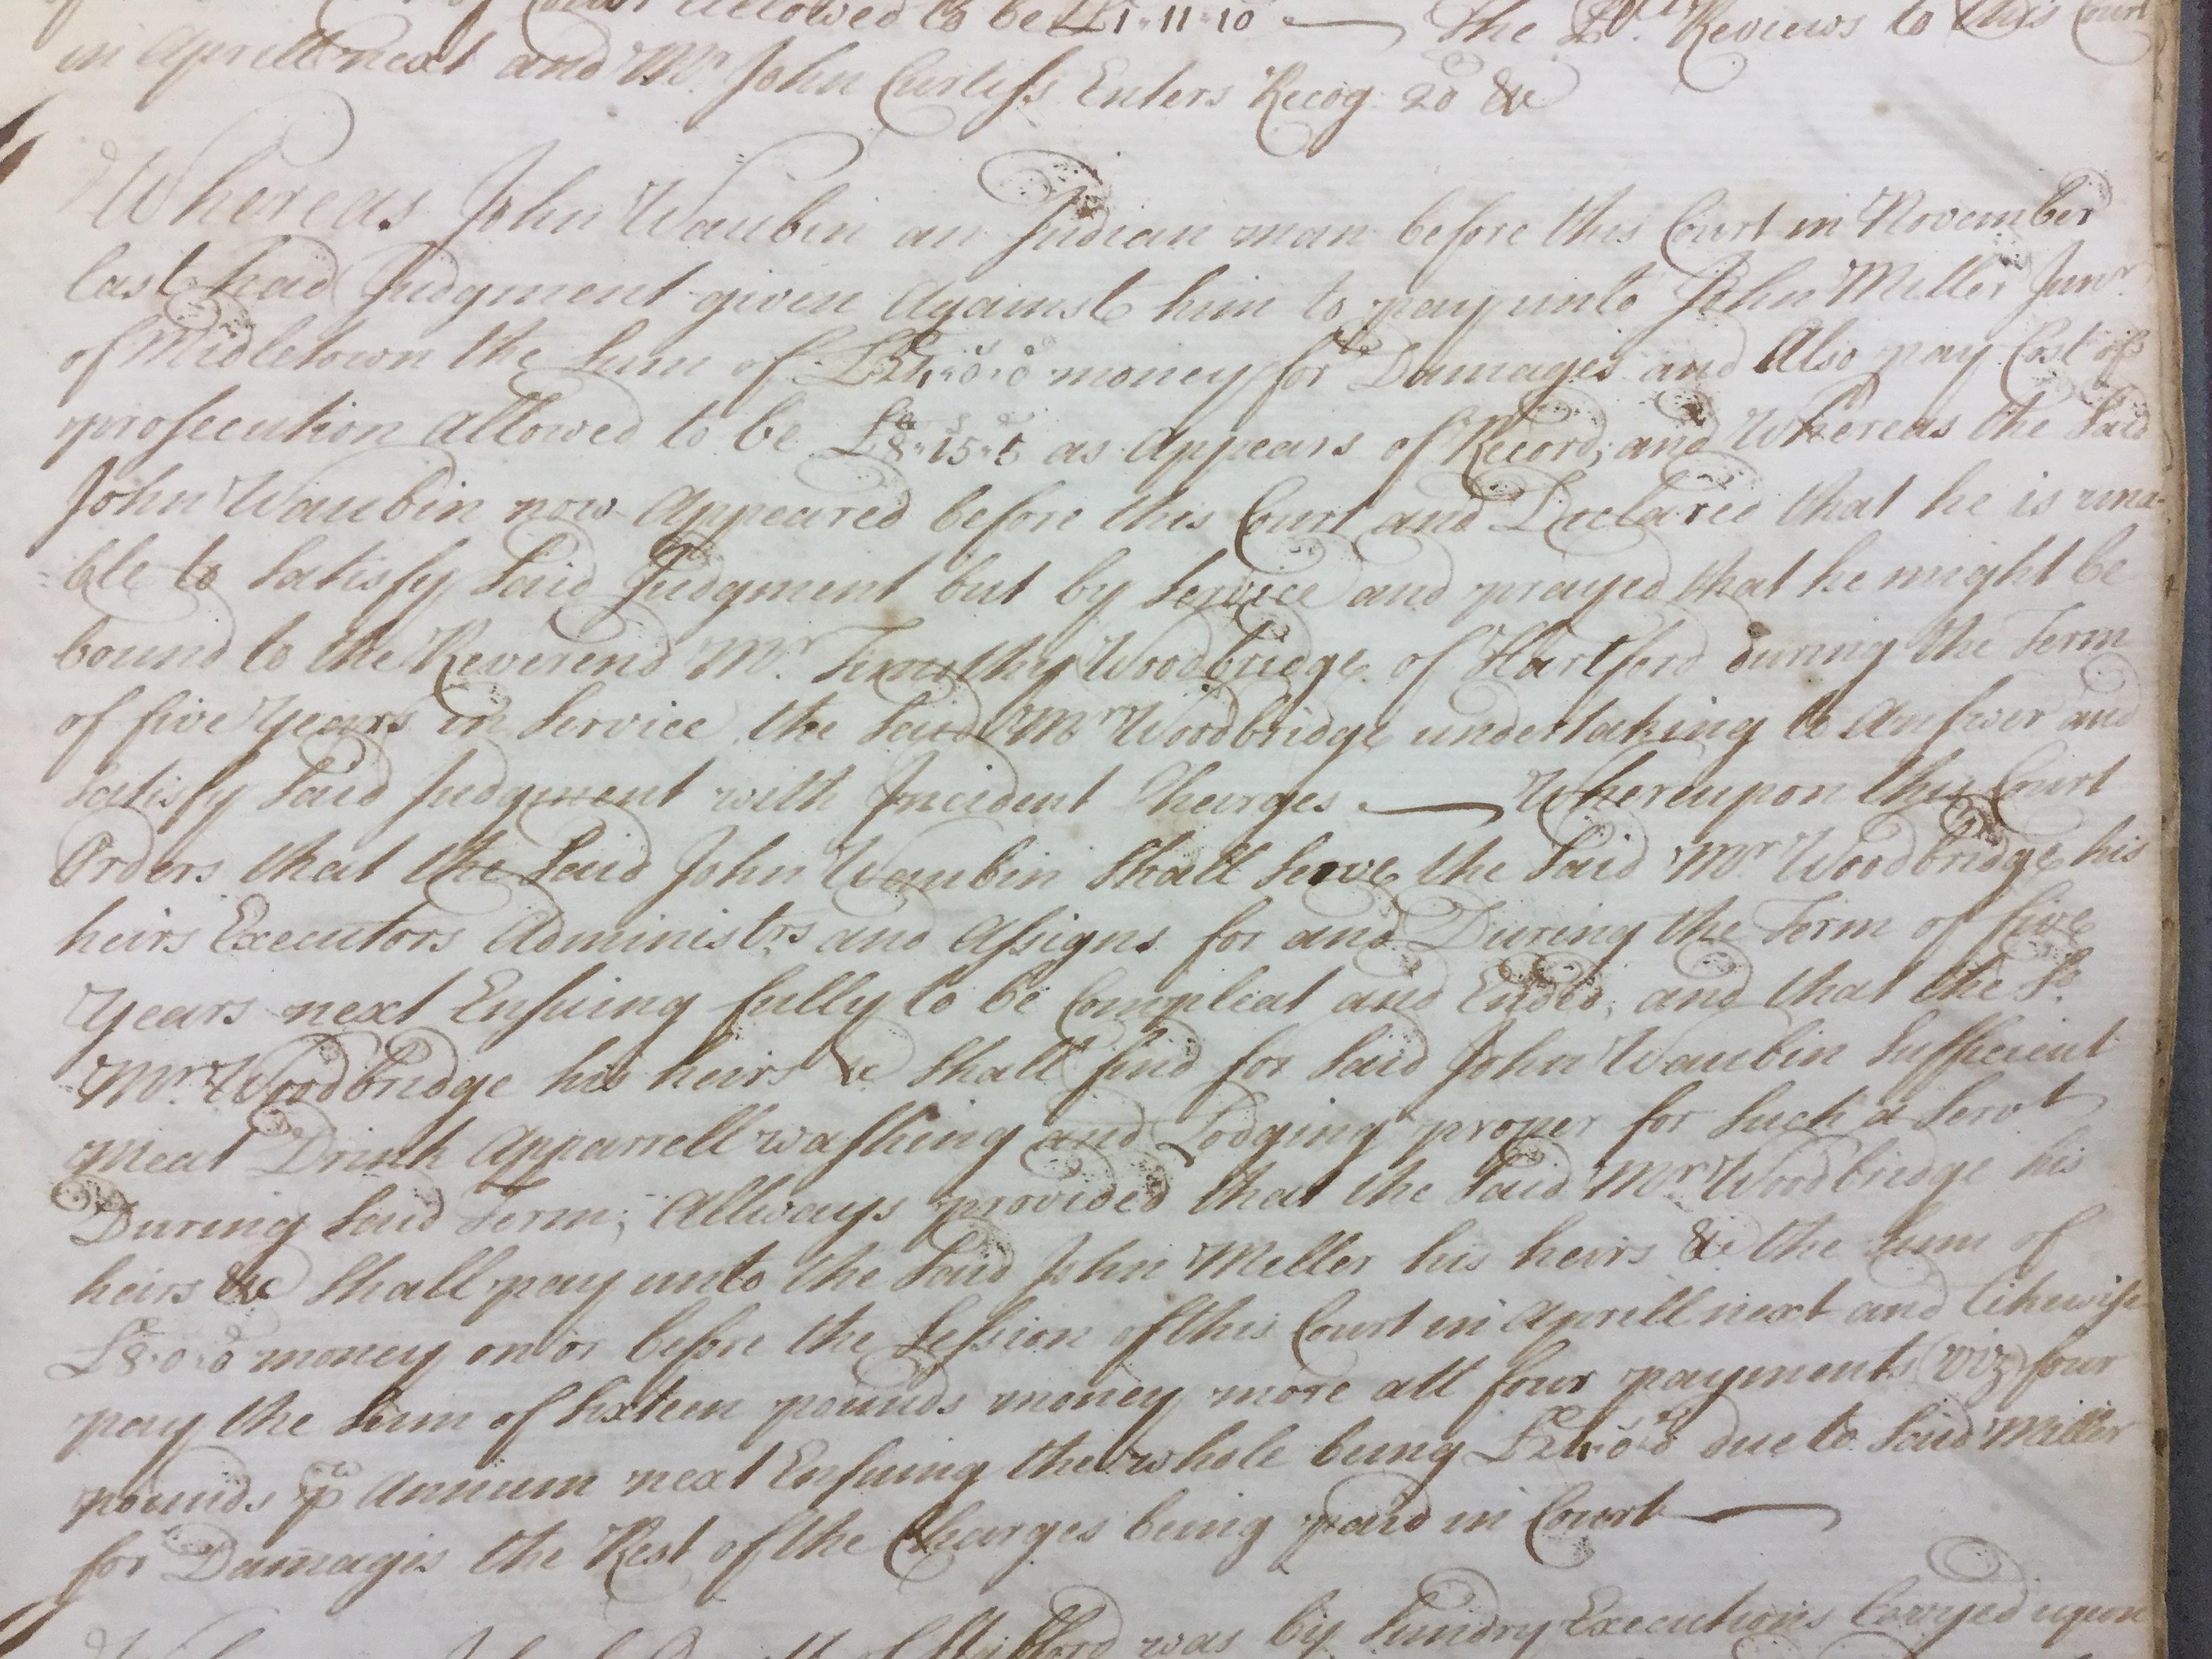 Record of Waubin's indenture to Rev. Woodbridge